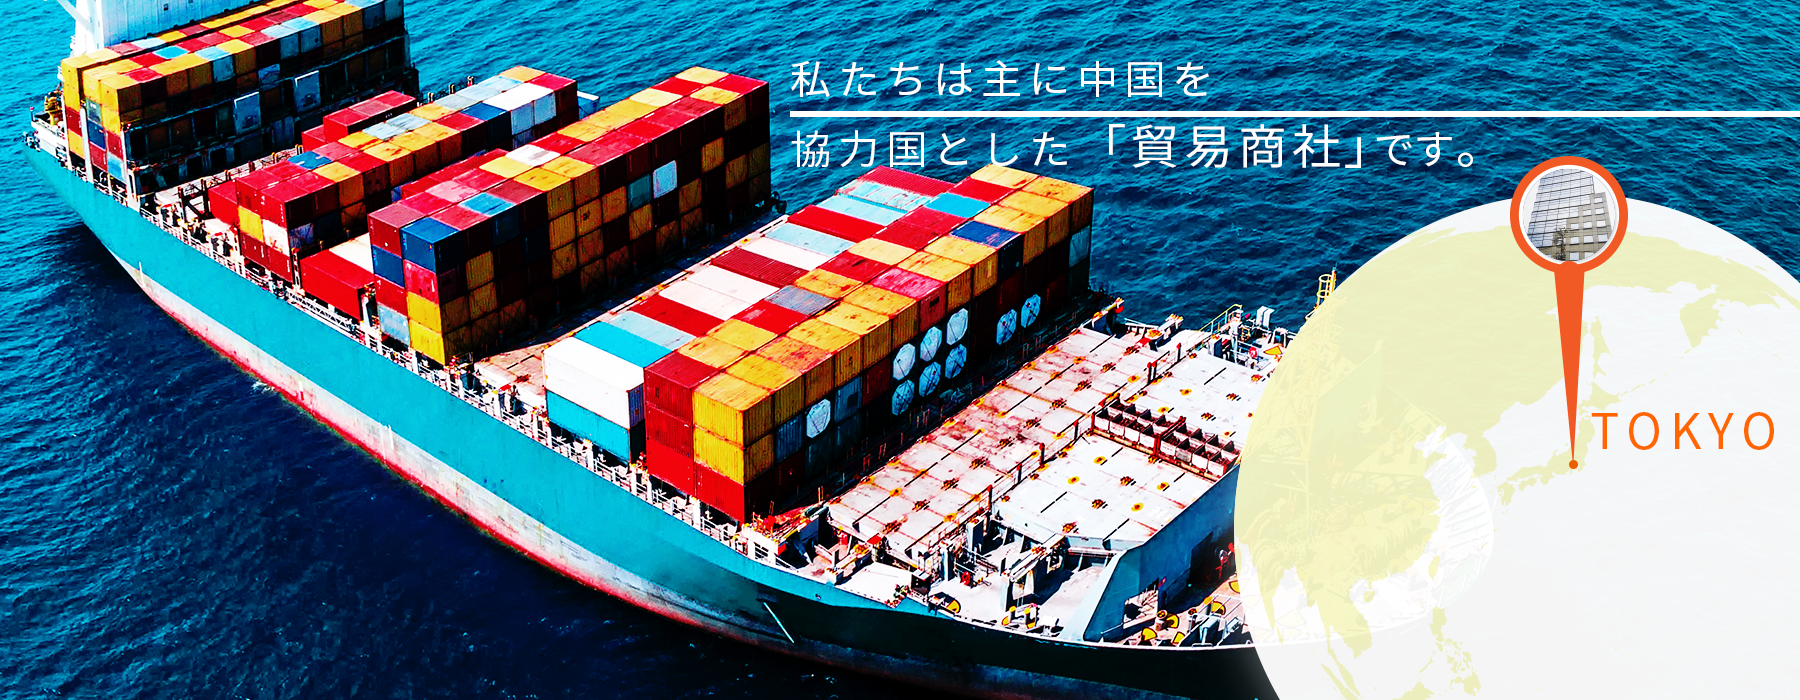 大栄トレーディング株式会社 about 貿易image画像